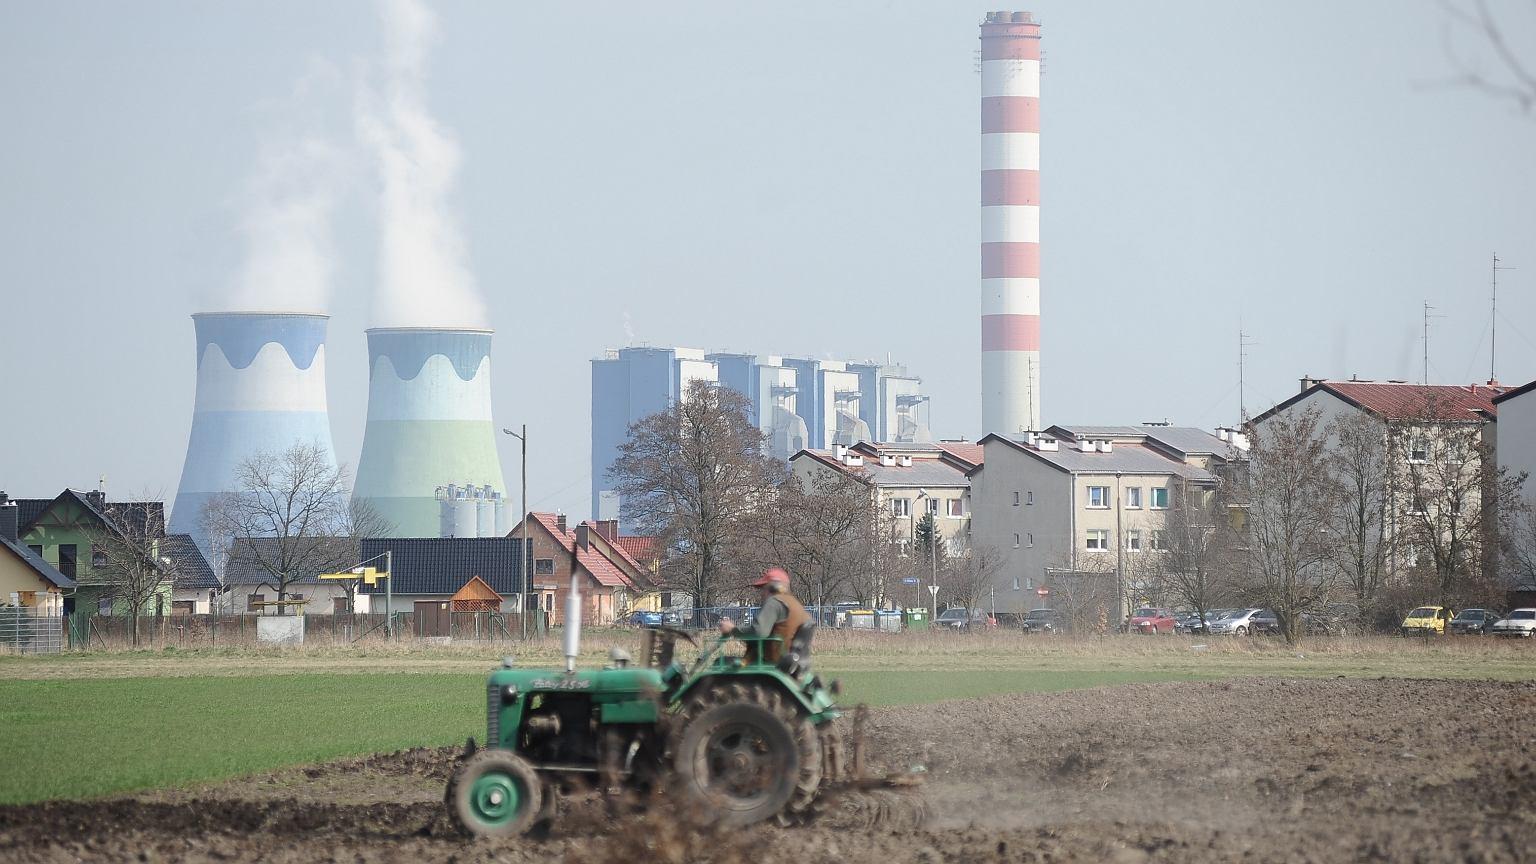 1 stycznia 2017 r. Czarnowąsy - mimo sprzeciwu mieszkańców - stały się dzielnicą Opola.